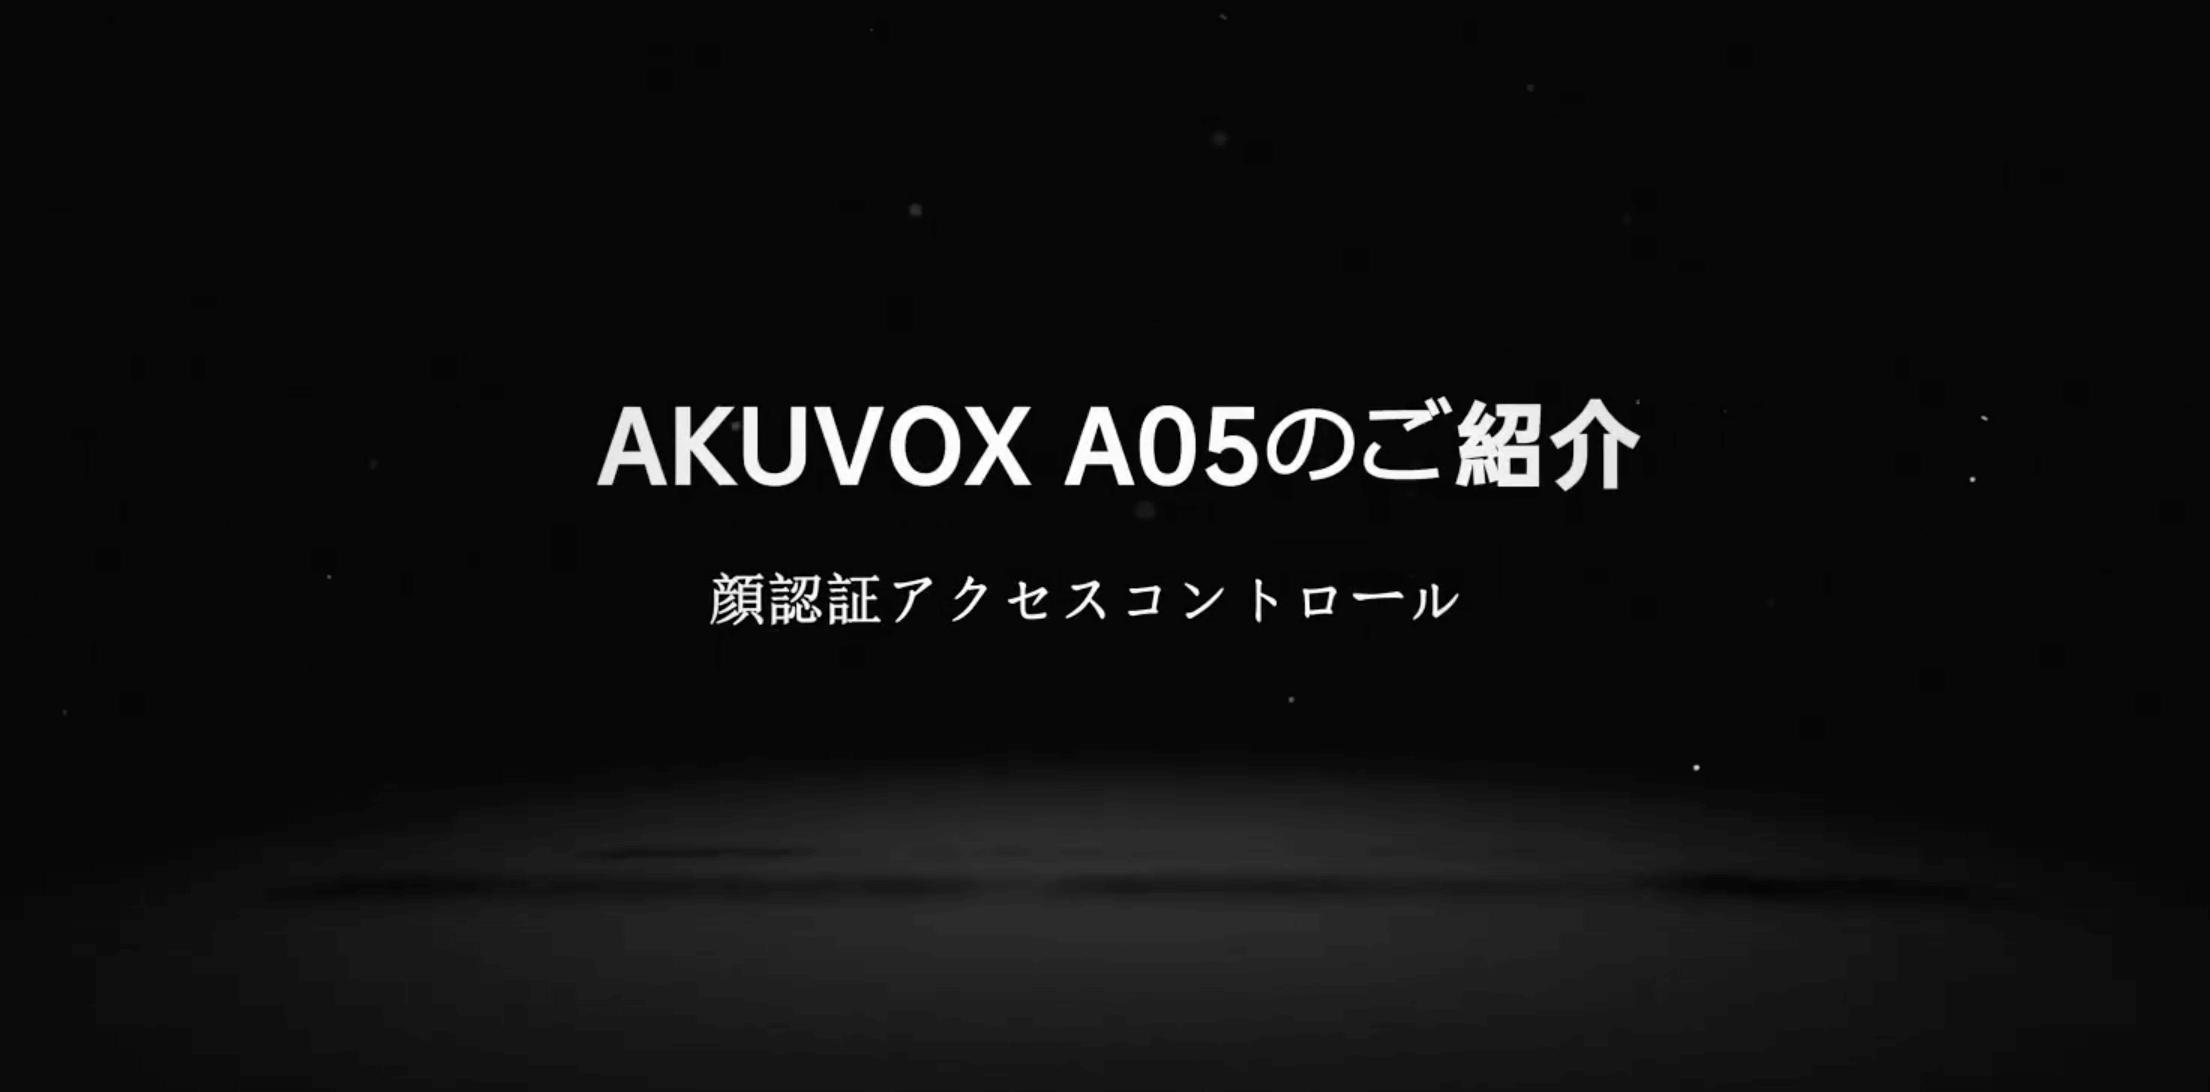 Akuvox社入退室機器A05紹介ビデオ